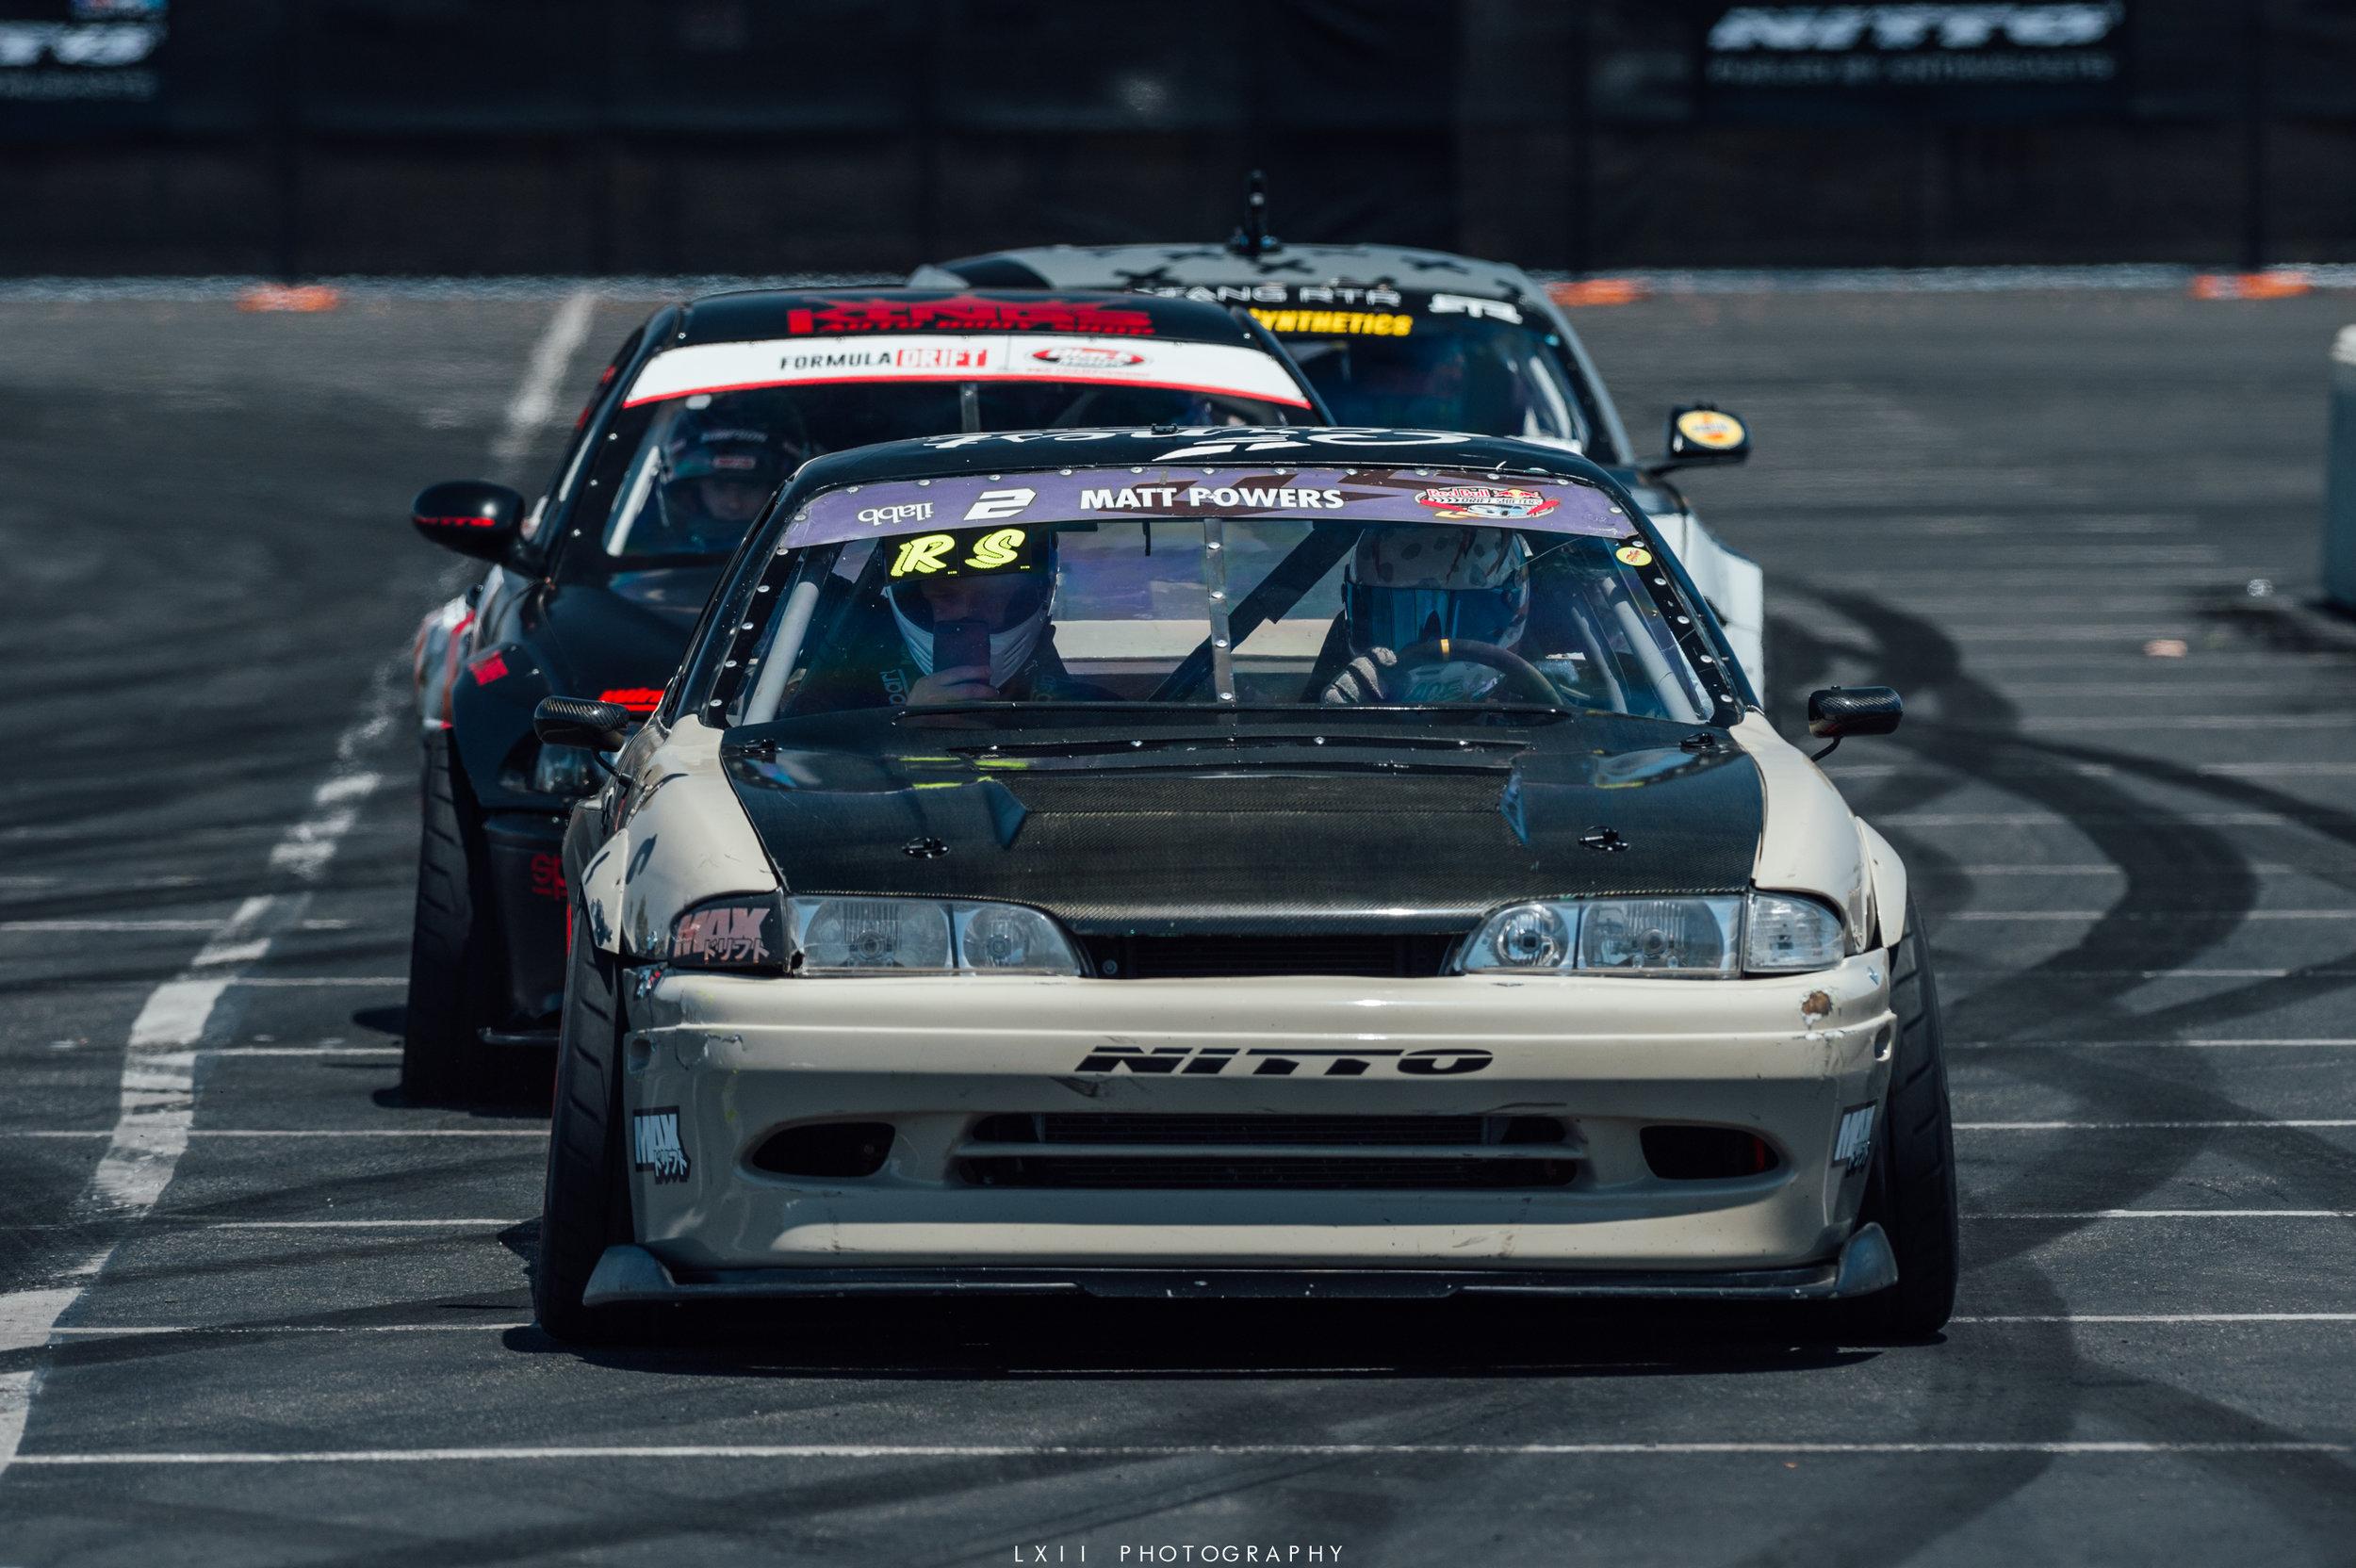 AED_Motorsport-26.jpg